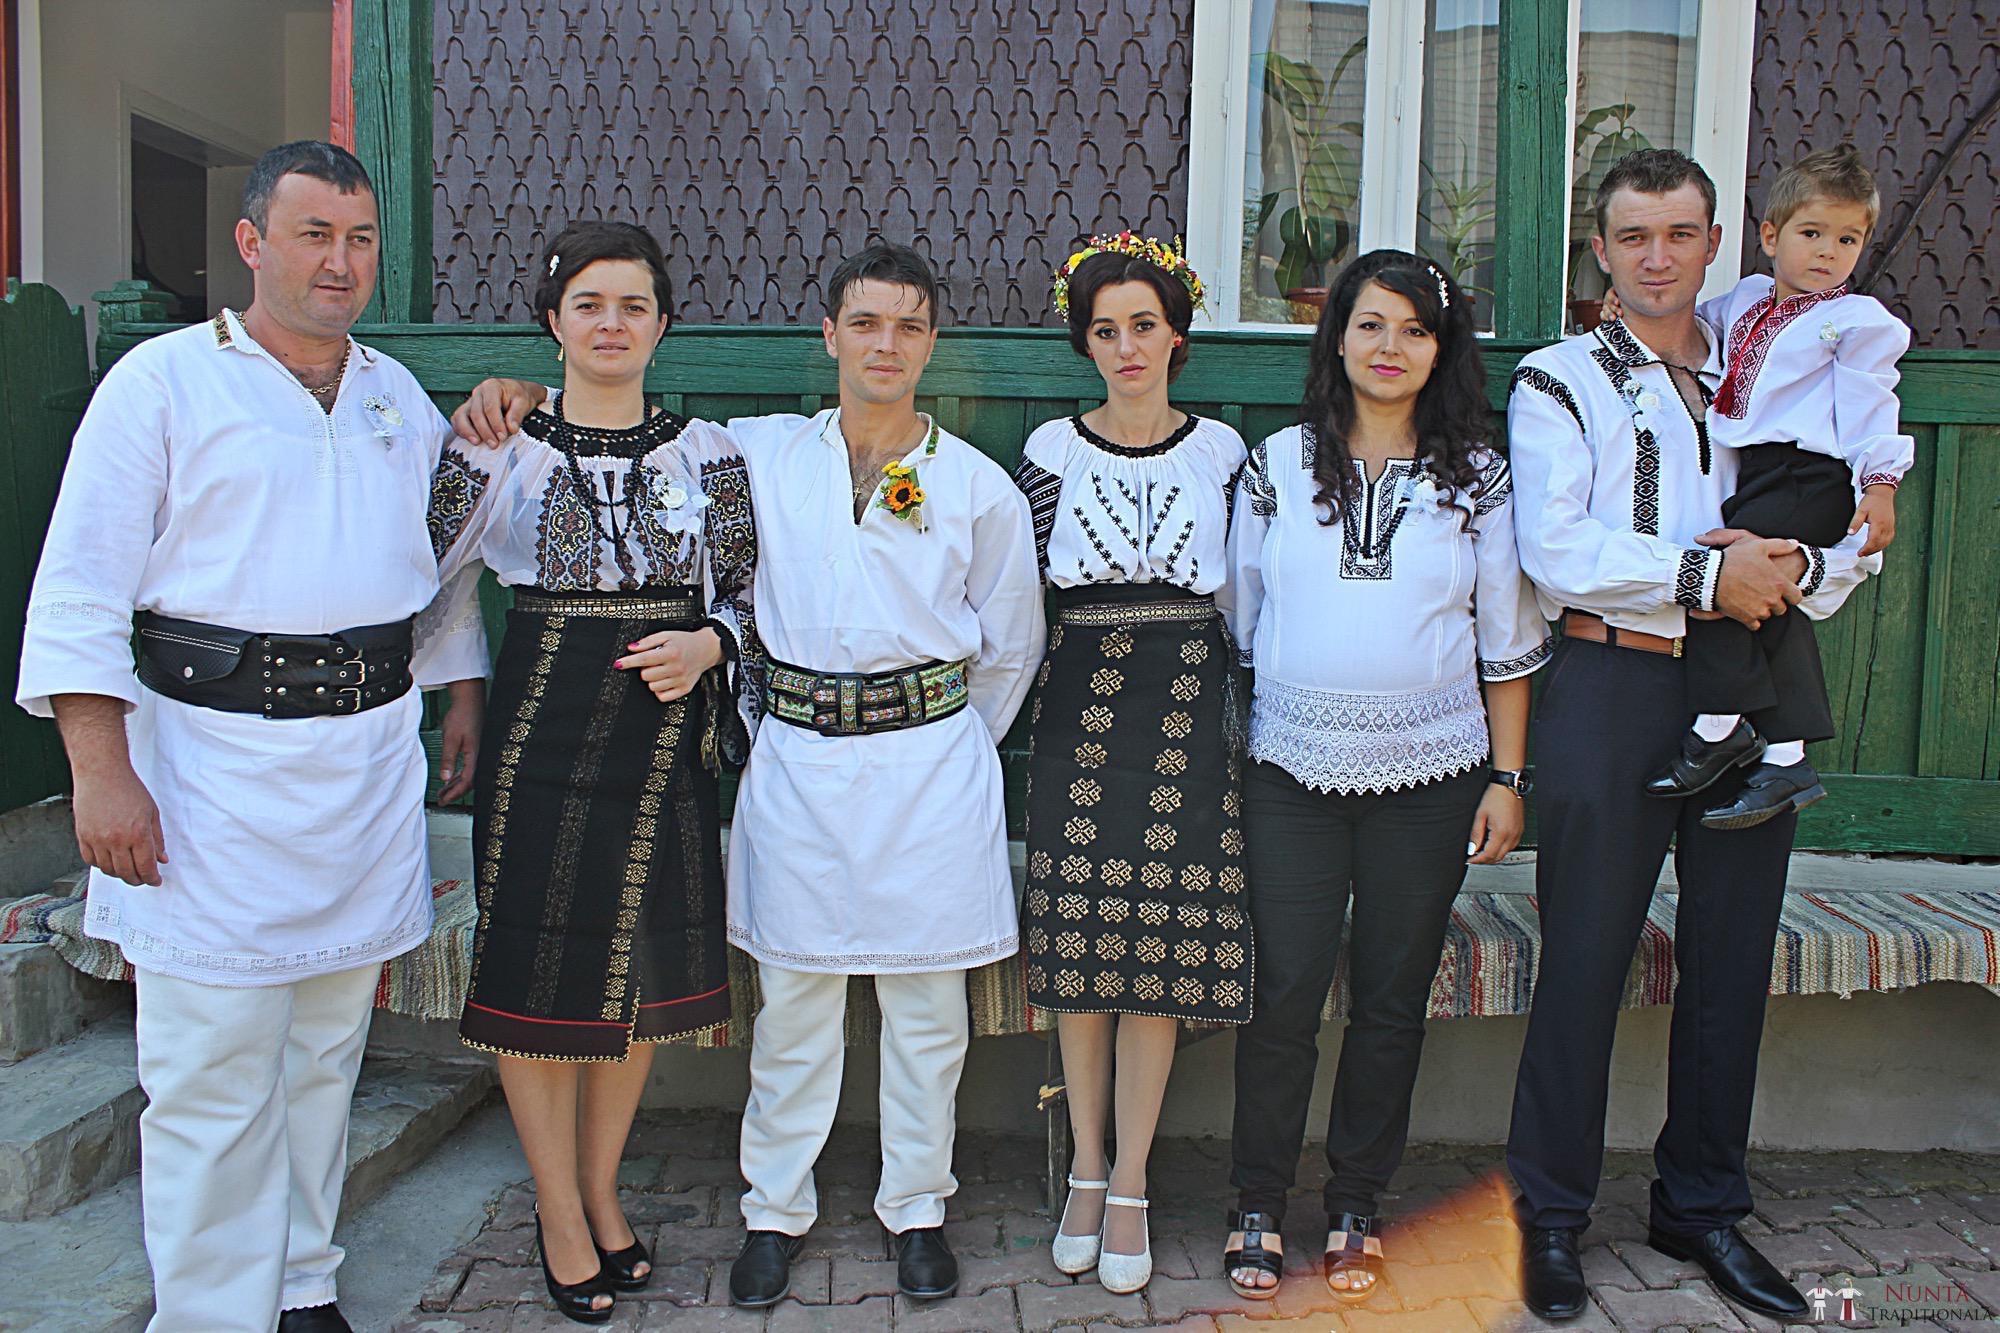 Povești Nunți Tradiționale - Geta și Gavril. Nuntă acasă, în Bucovina. 1